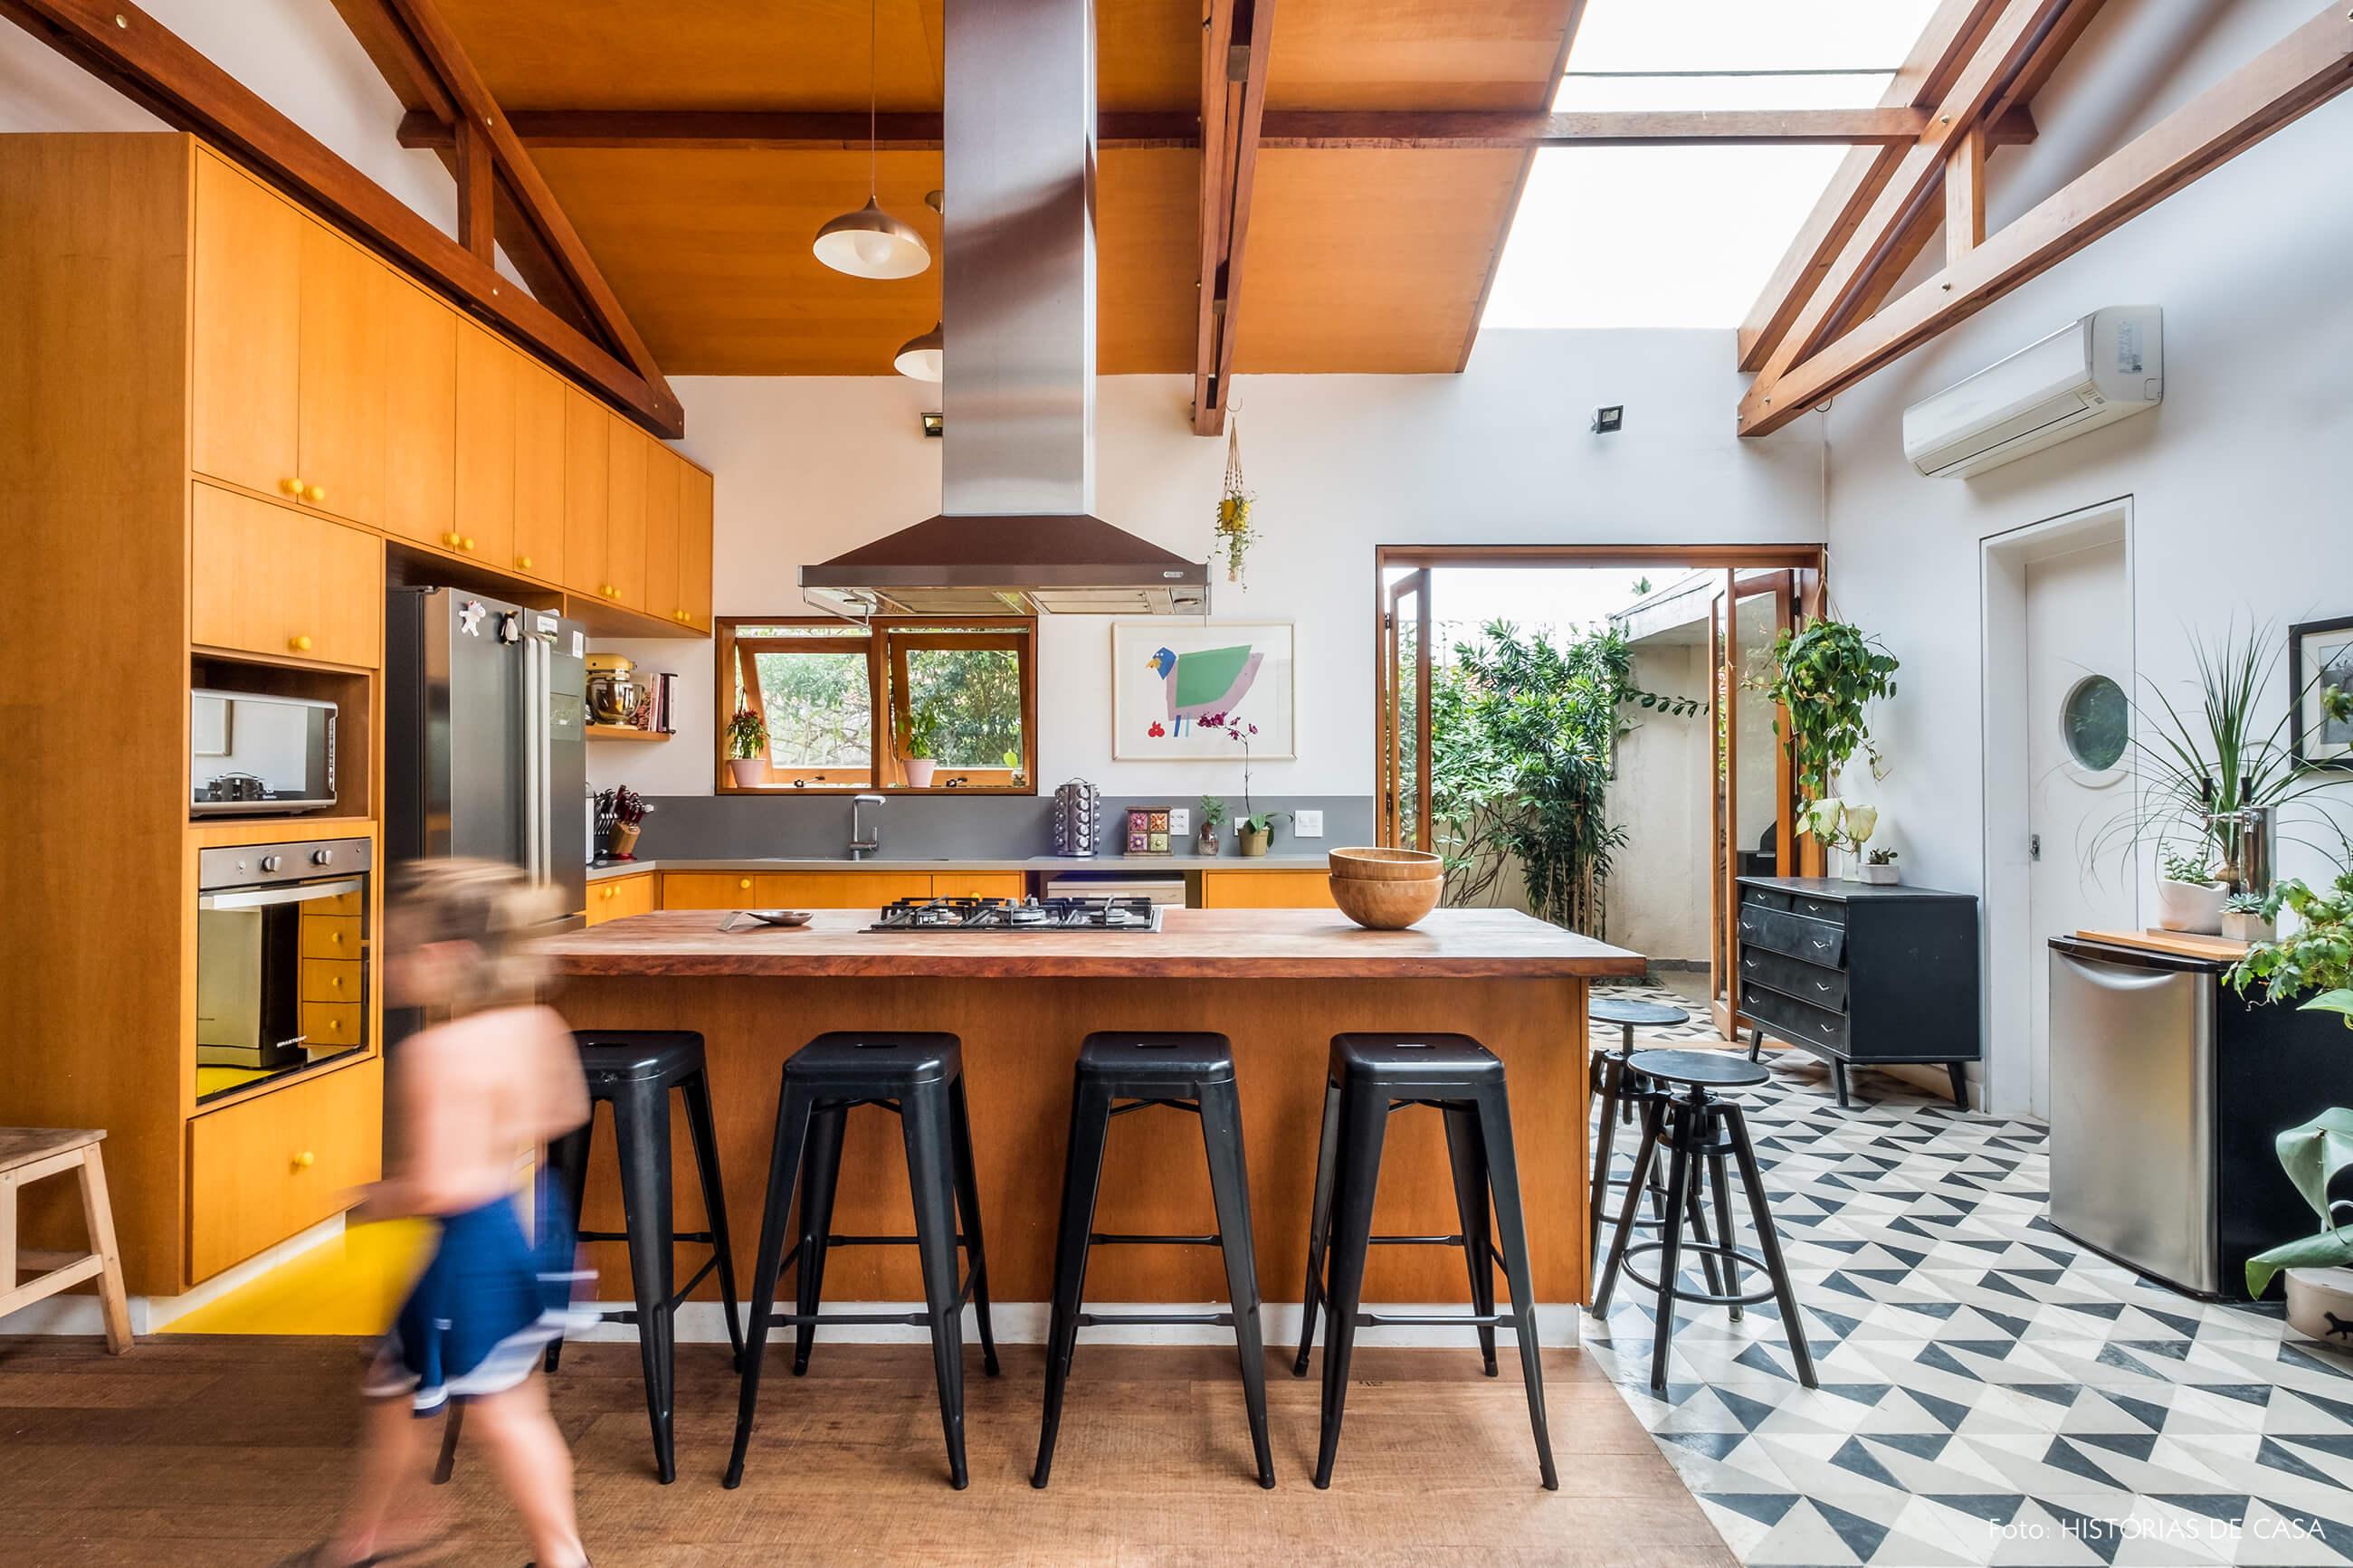 Cozinha integrada com forro de madeira e piso de ladrilhos